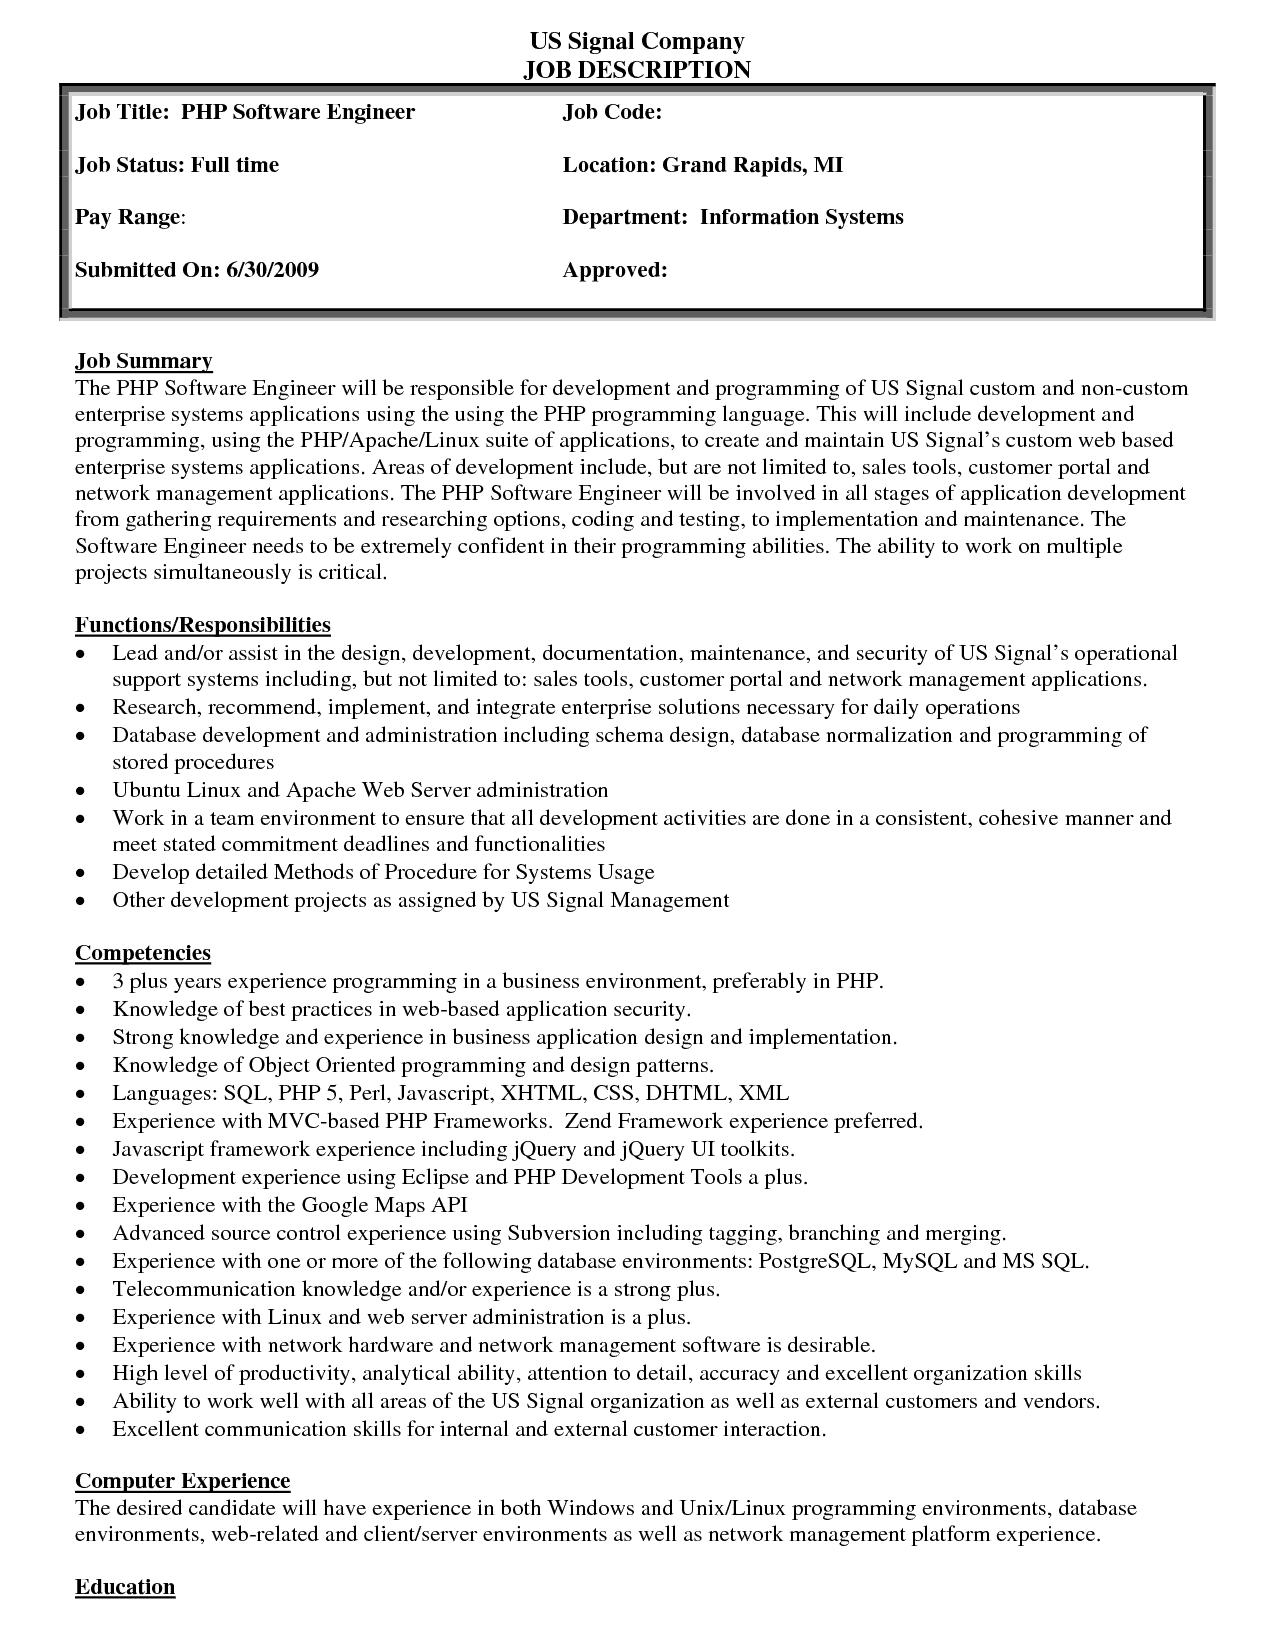 job description sample 15.64